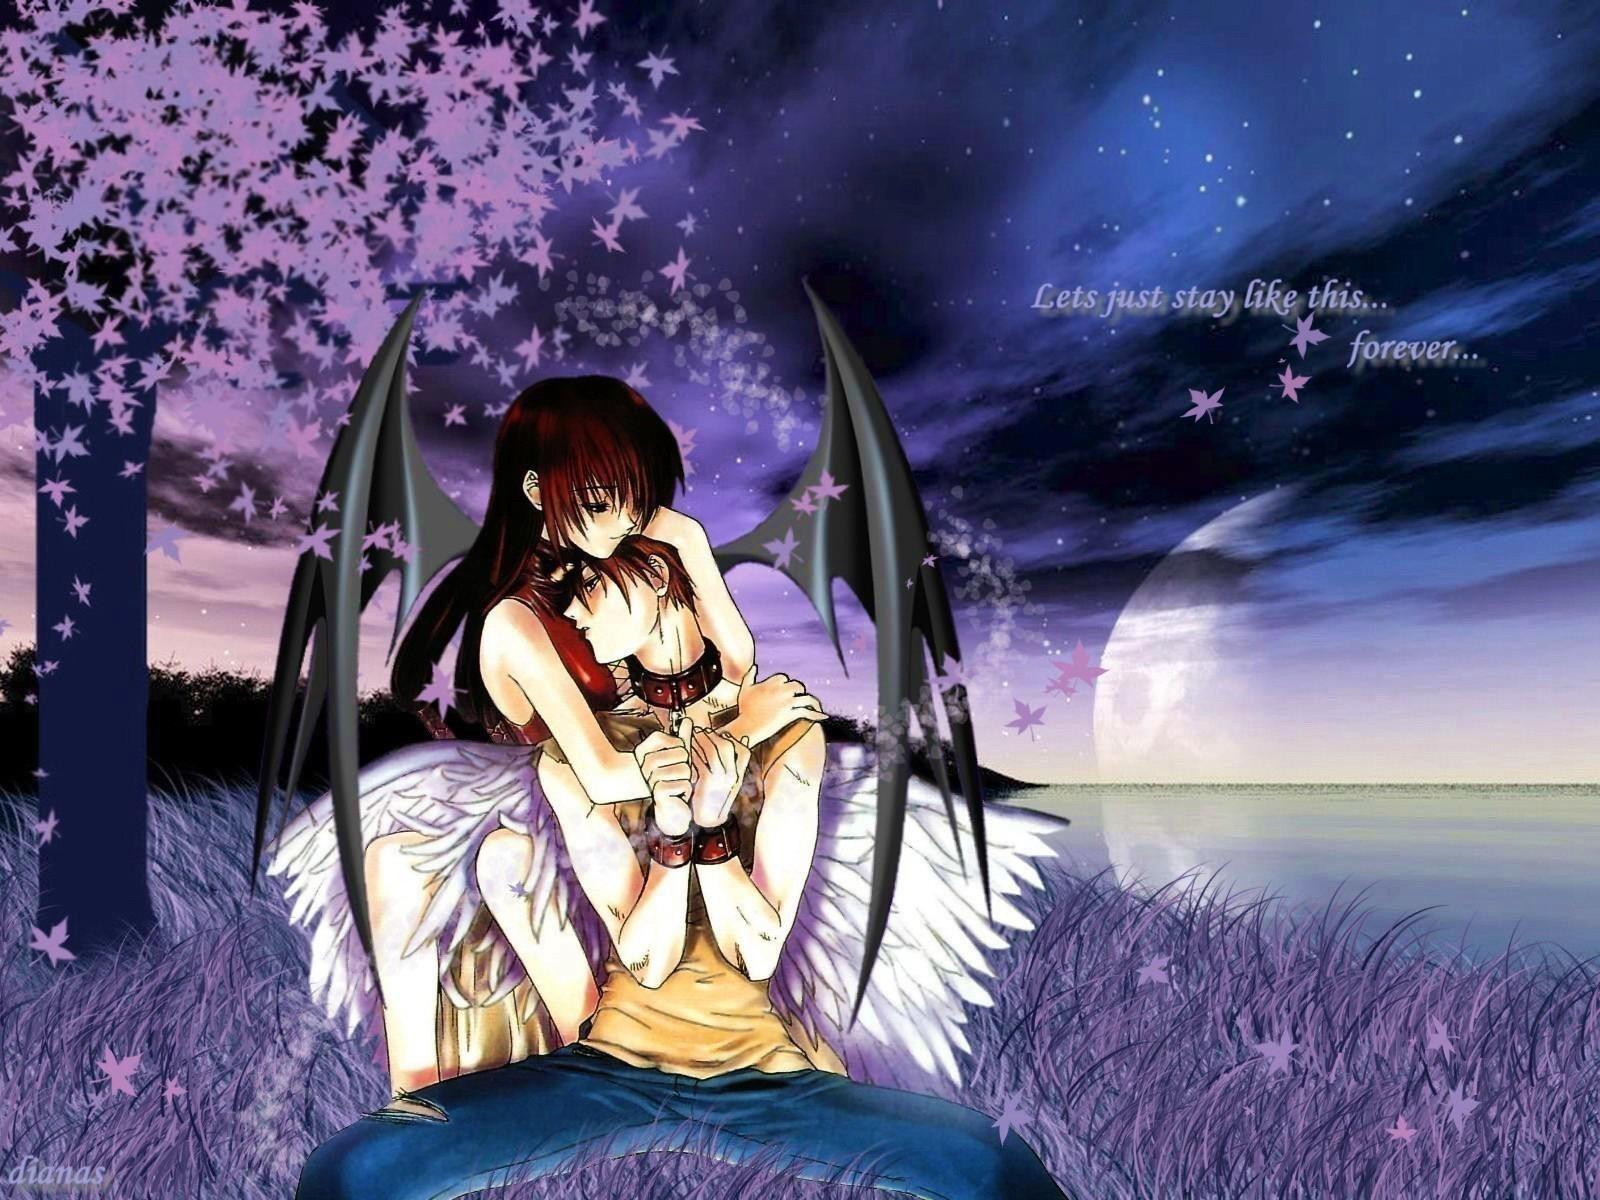 一对恋人一起坐在海边的动漫图片,背景为蓝色